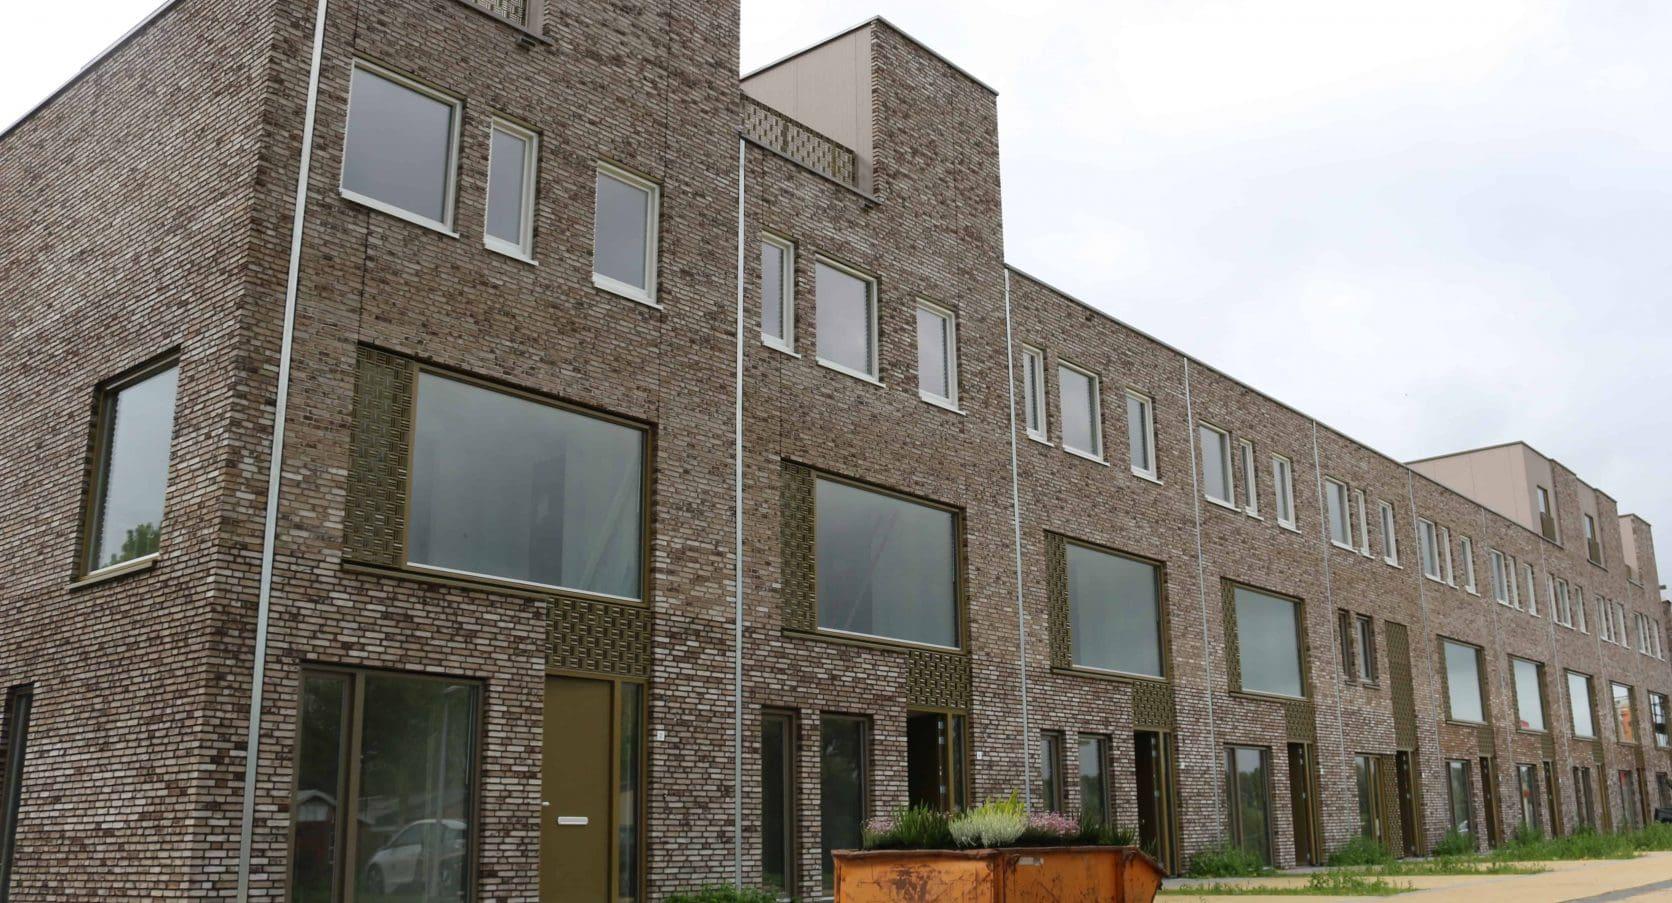 MD Formatura gevelbekelding bij Stadswerf Kade in Groningen